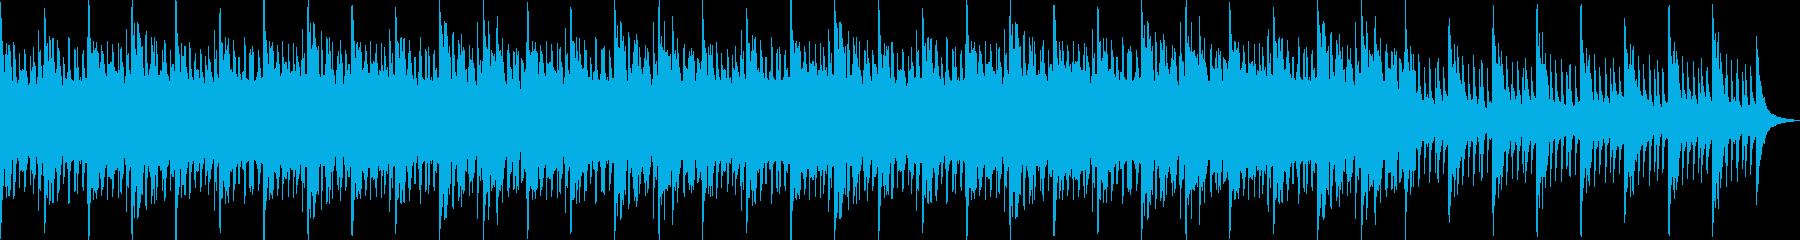 オーケストラ・企業VP・雄大・穏やかの再生済みの波形